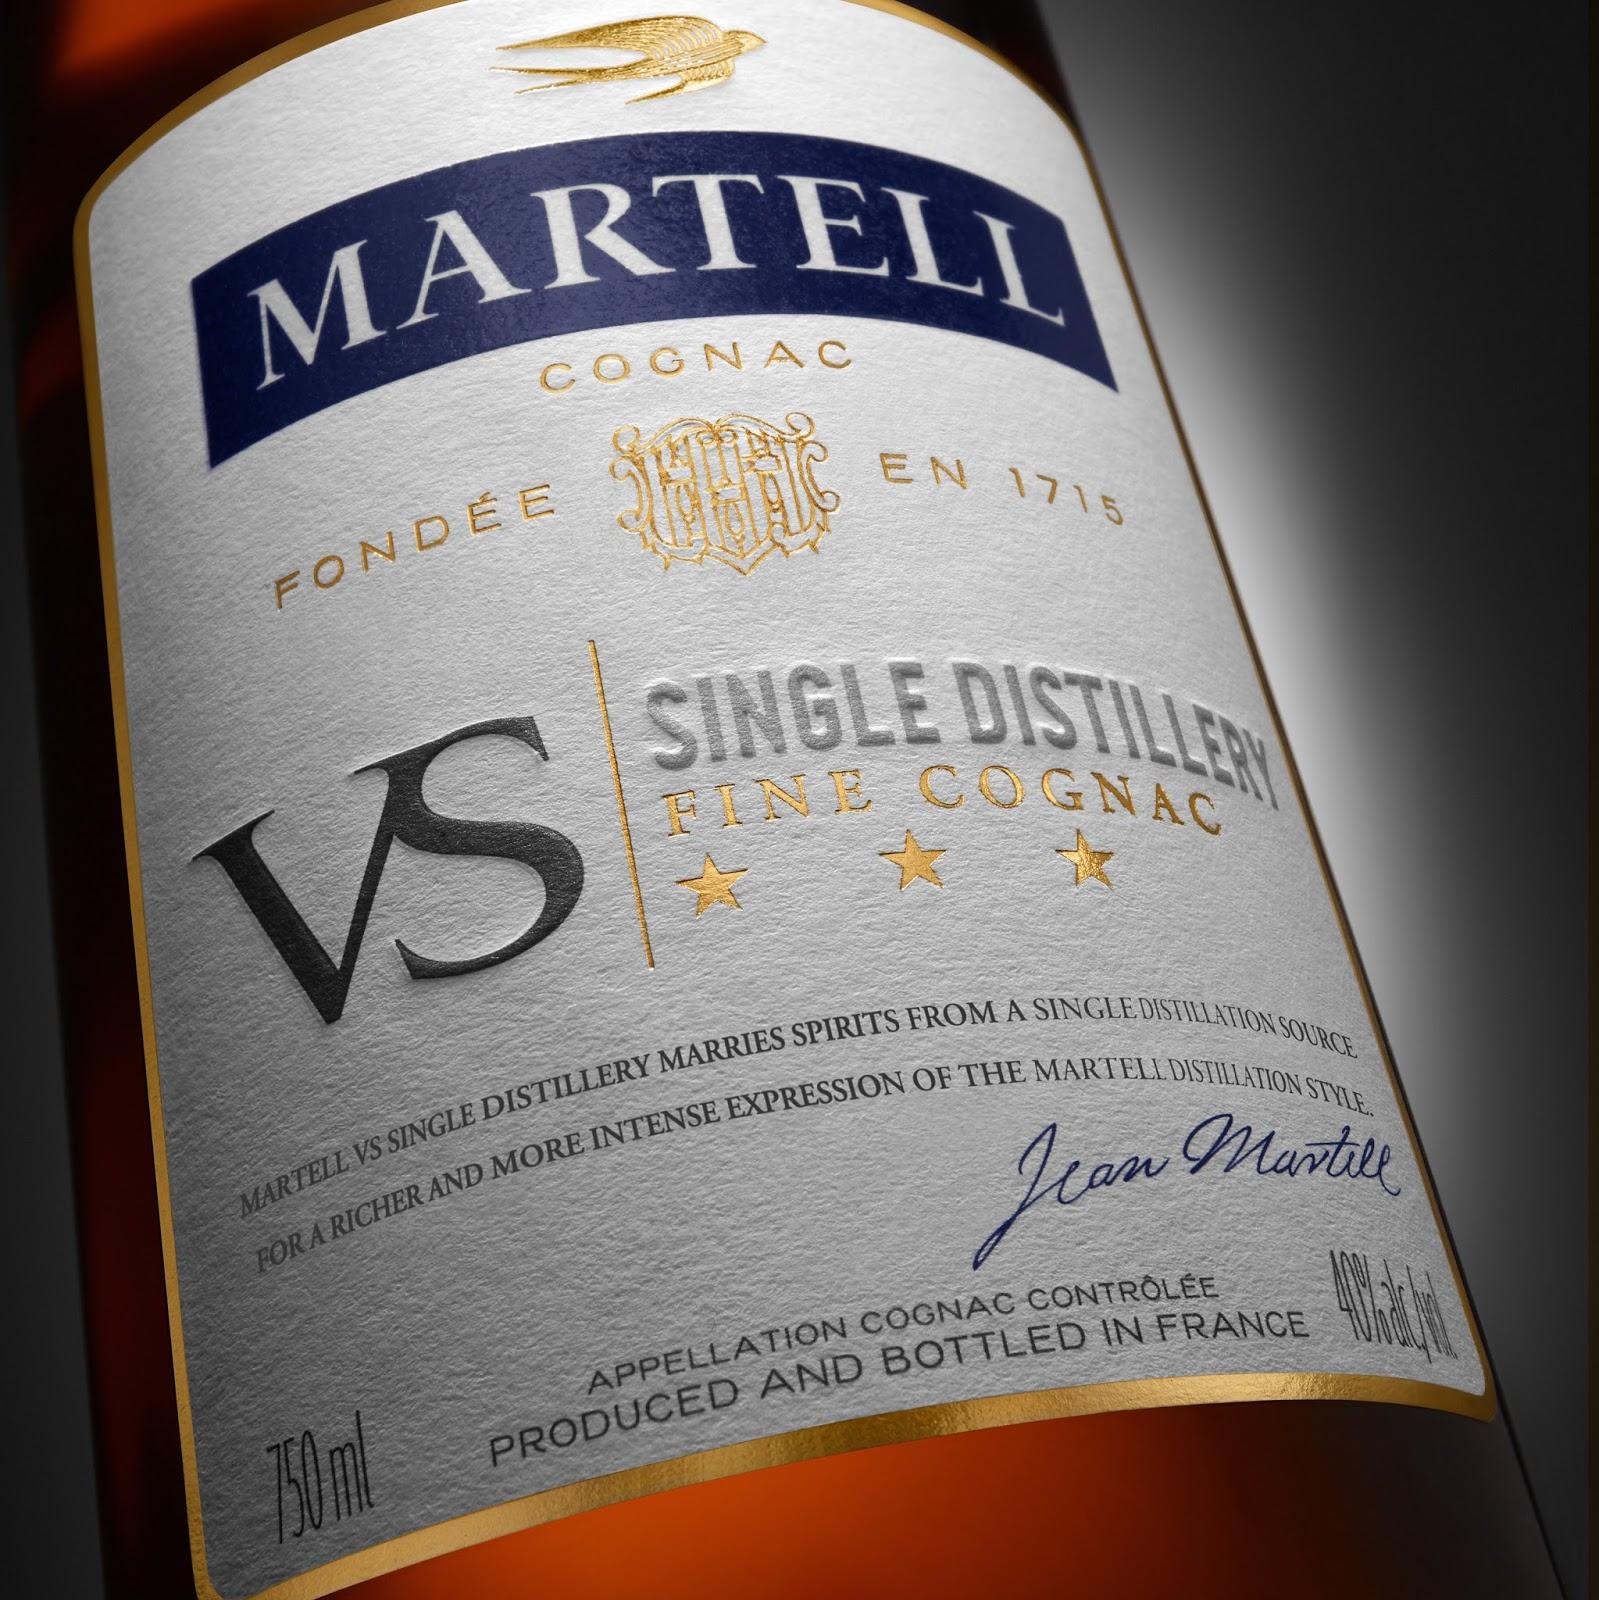 martelle black singles Meet single women in martelle ia online & chat in the forums dhu is a 100% free dating site to find single women in martelle.